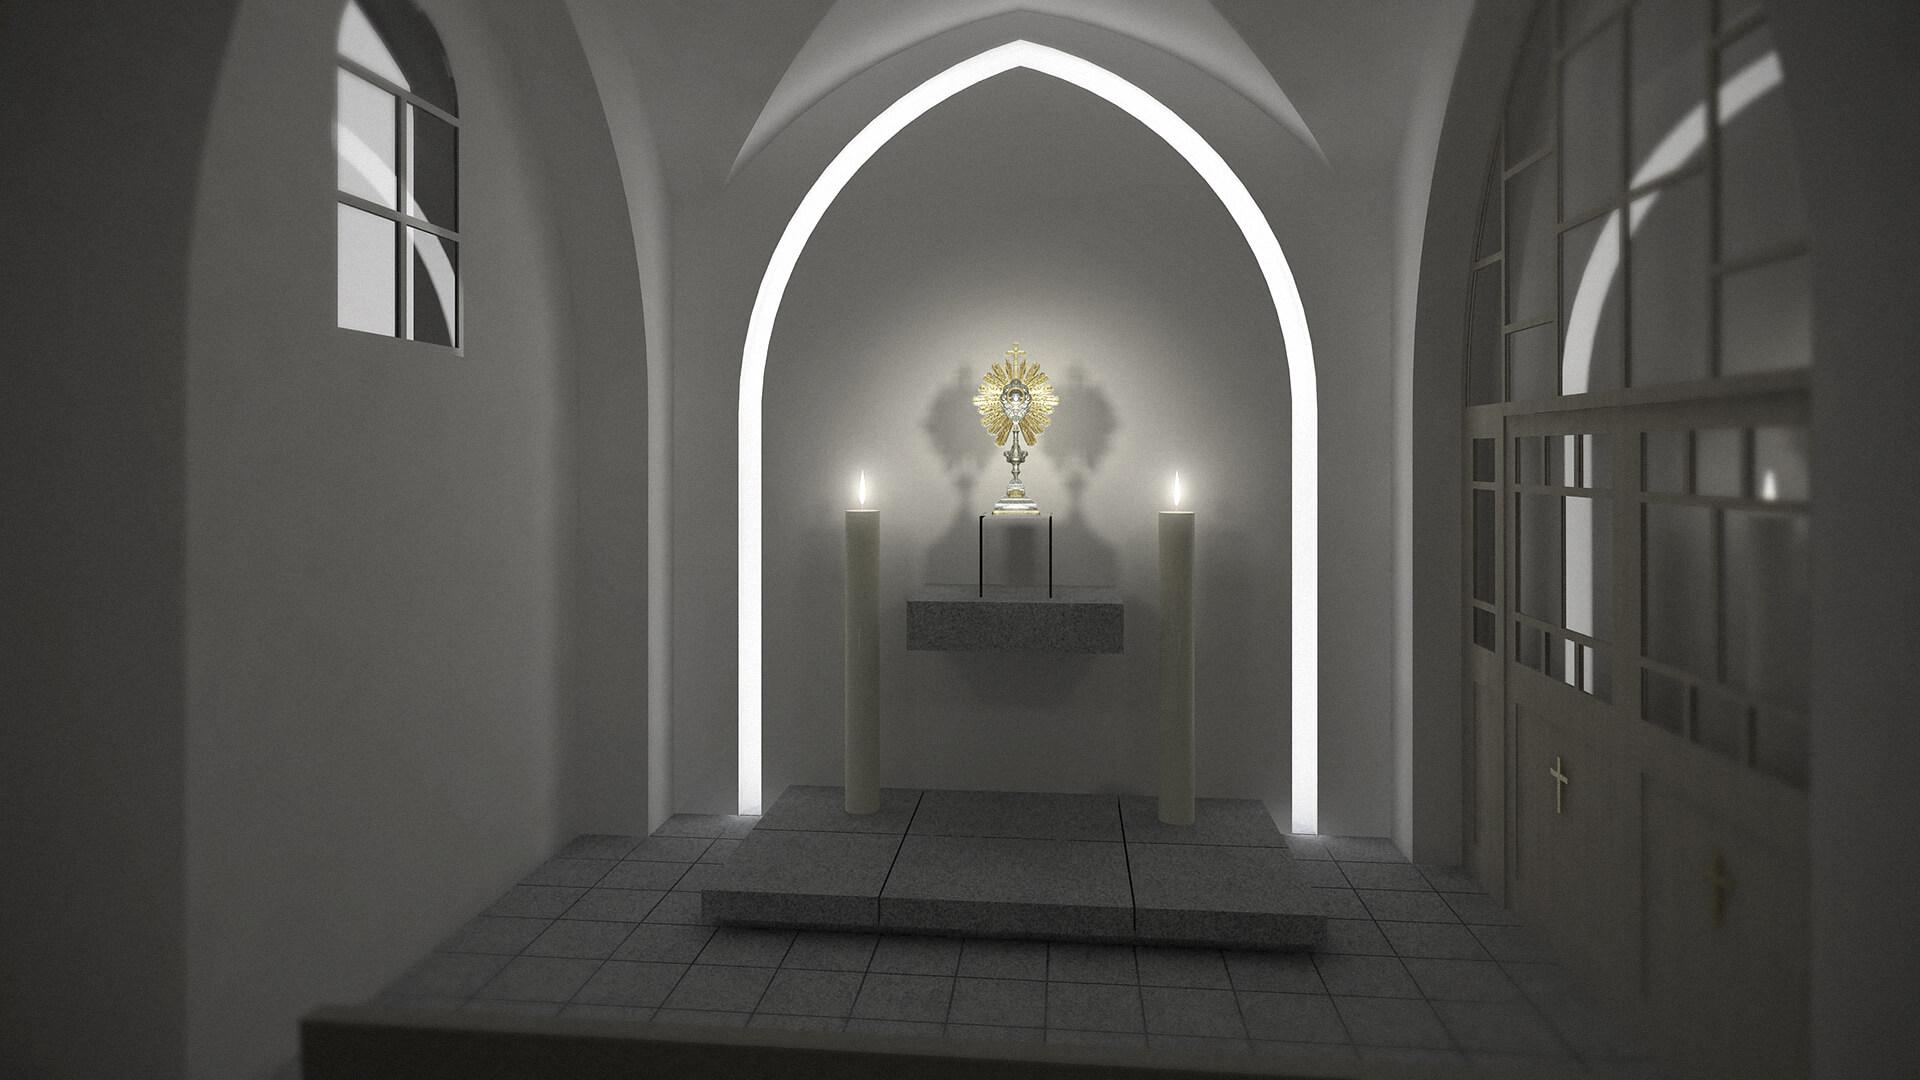 Aranżacja wnętrz - Kaplica Resko